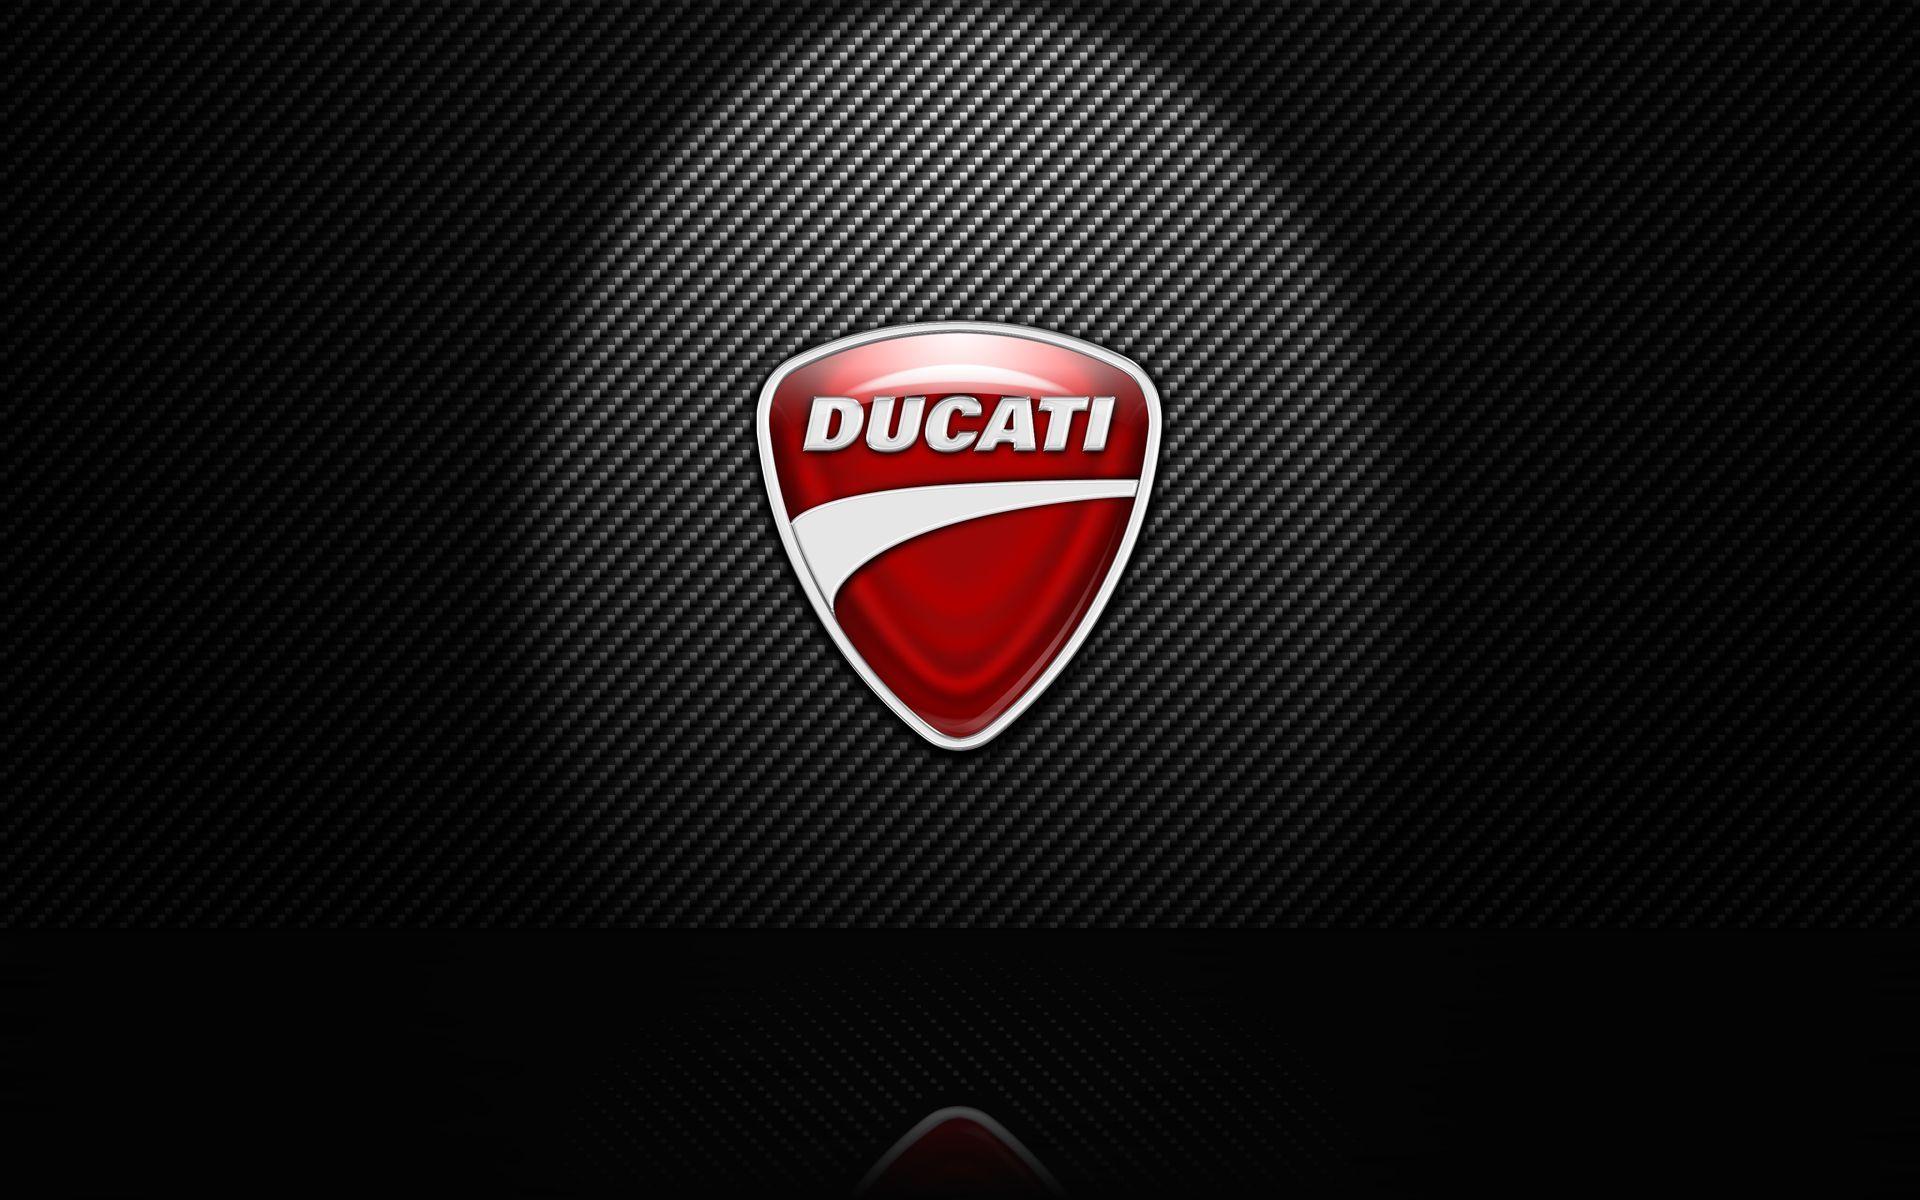 Ducati Logo Wallpapers Wallpaper Cave Ducati Harley Davidson